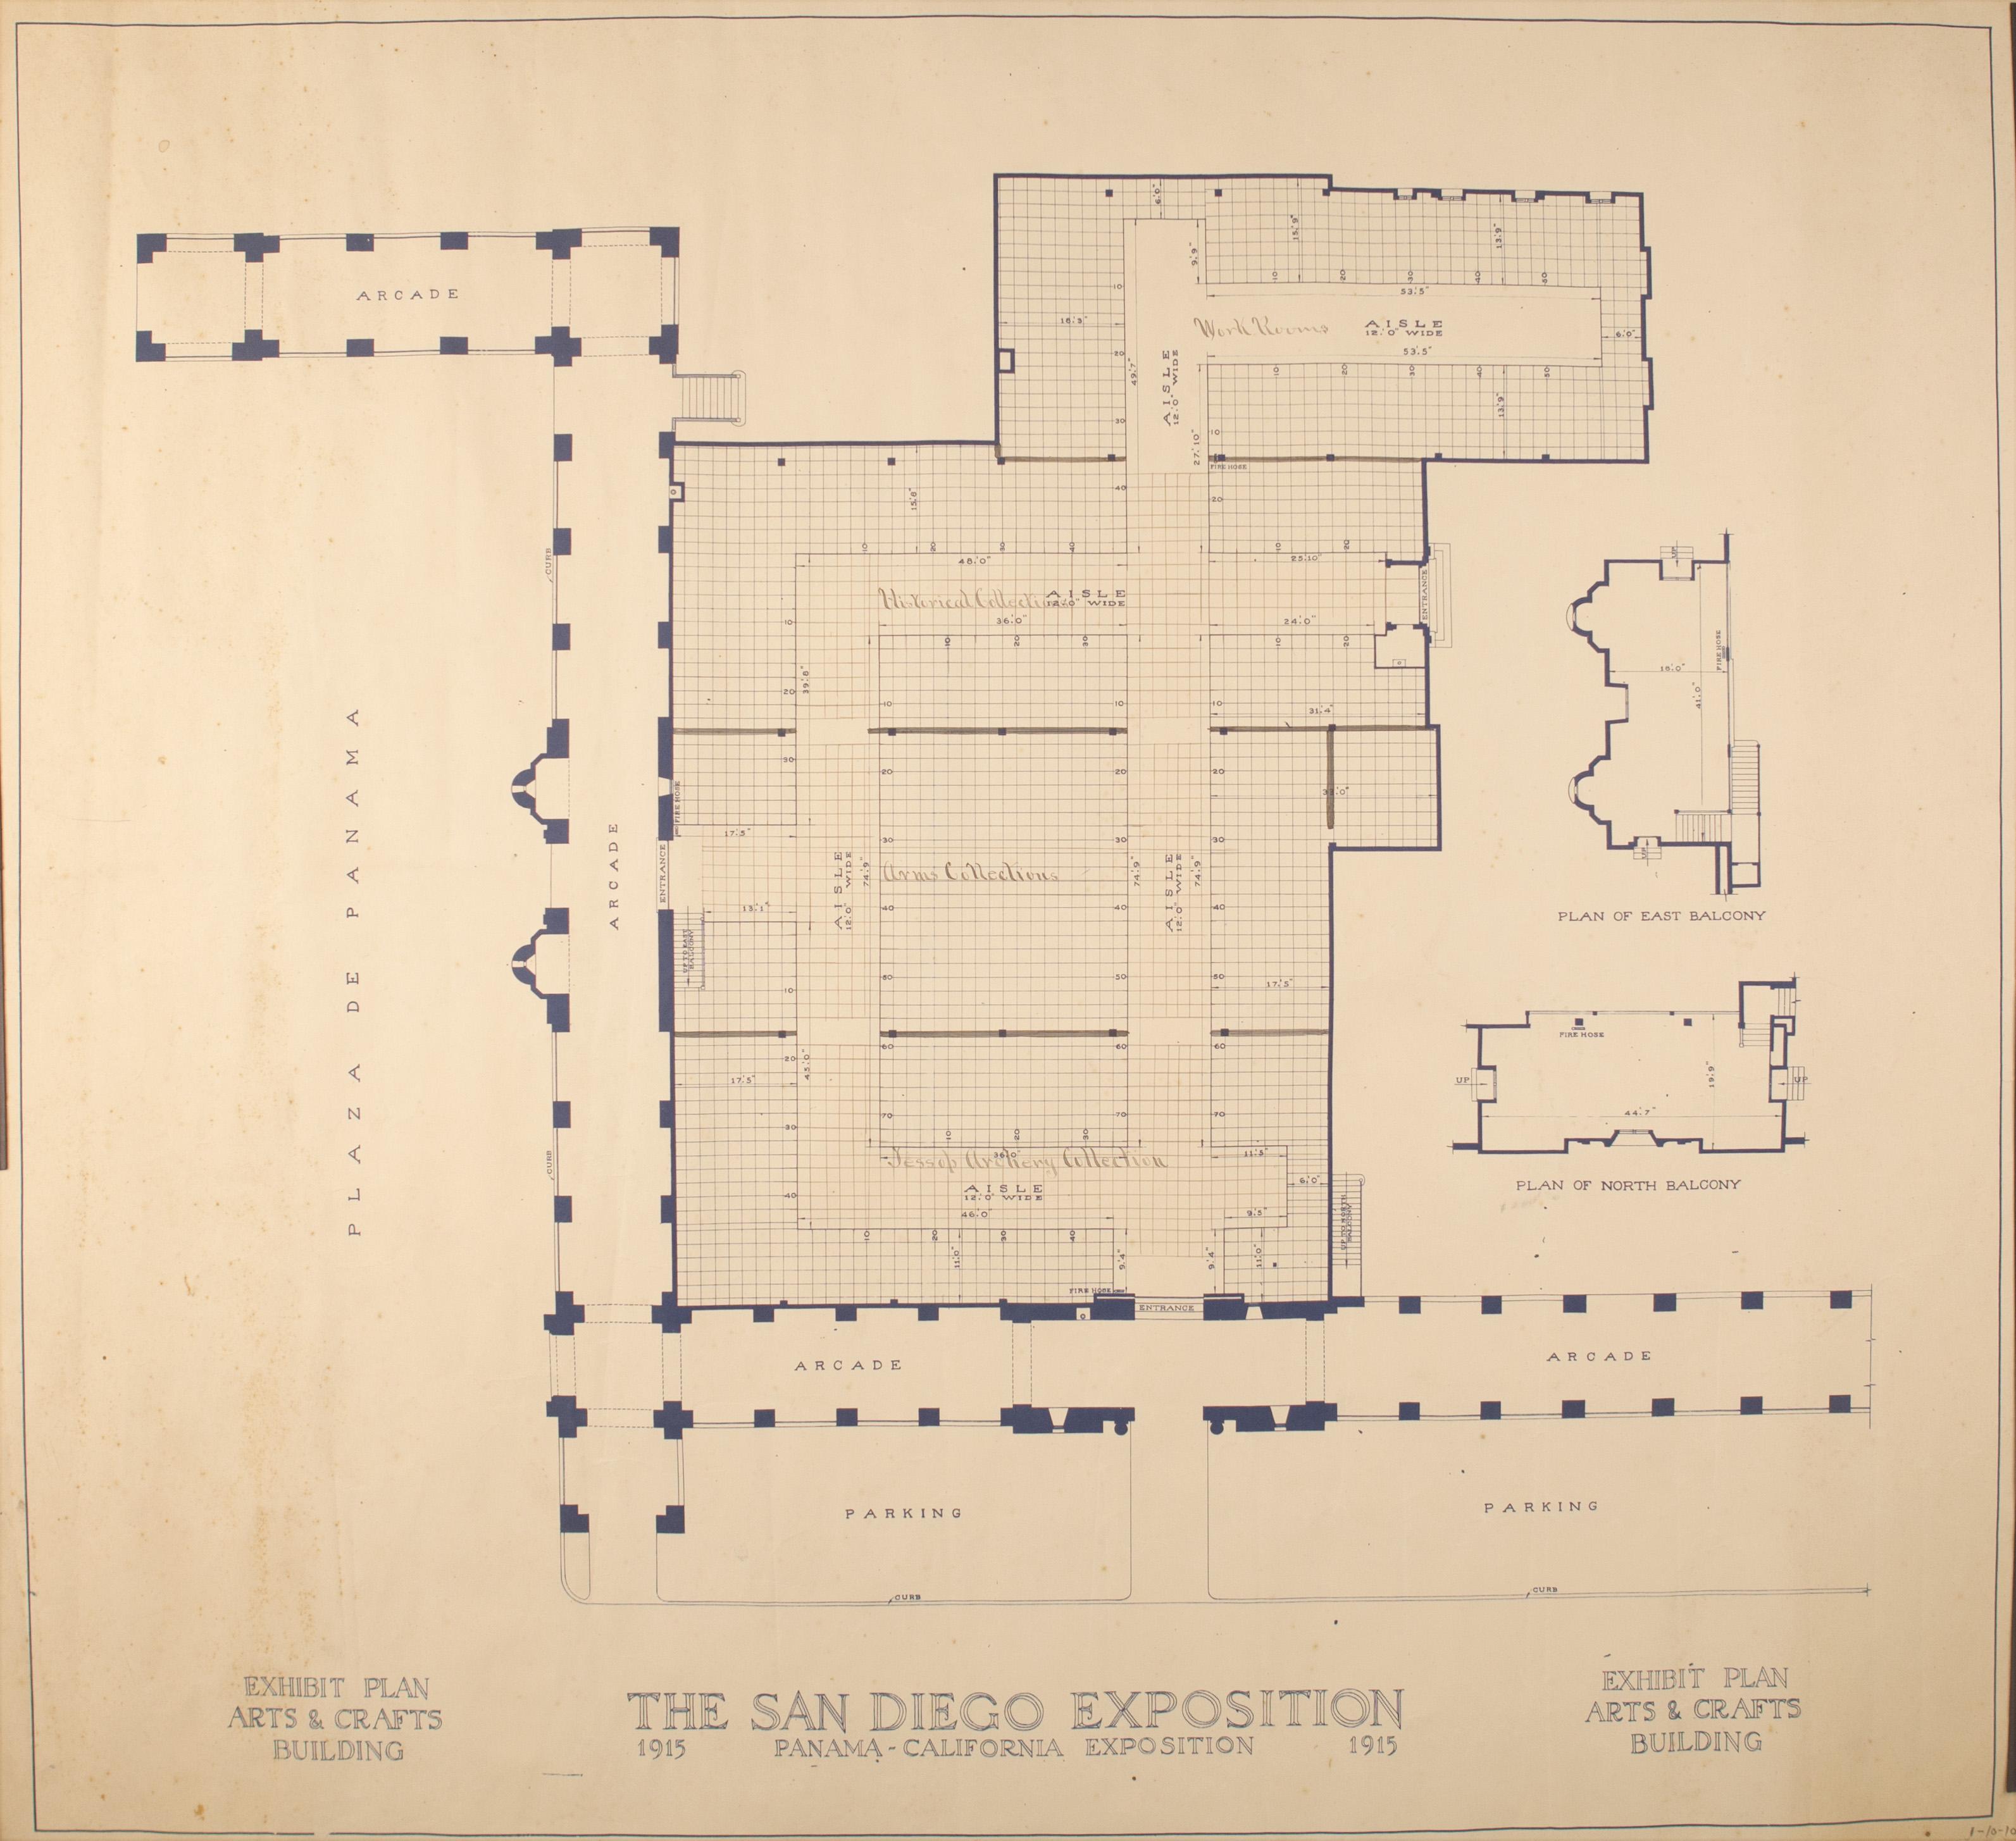 Architectural drawing panama california exposition Full size architectural drawings